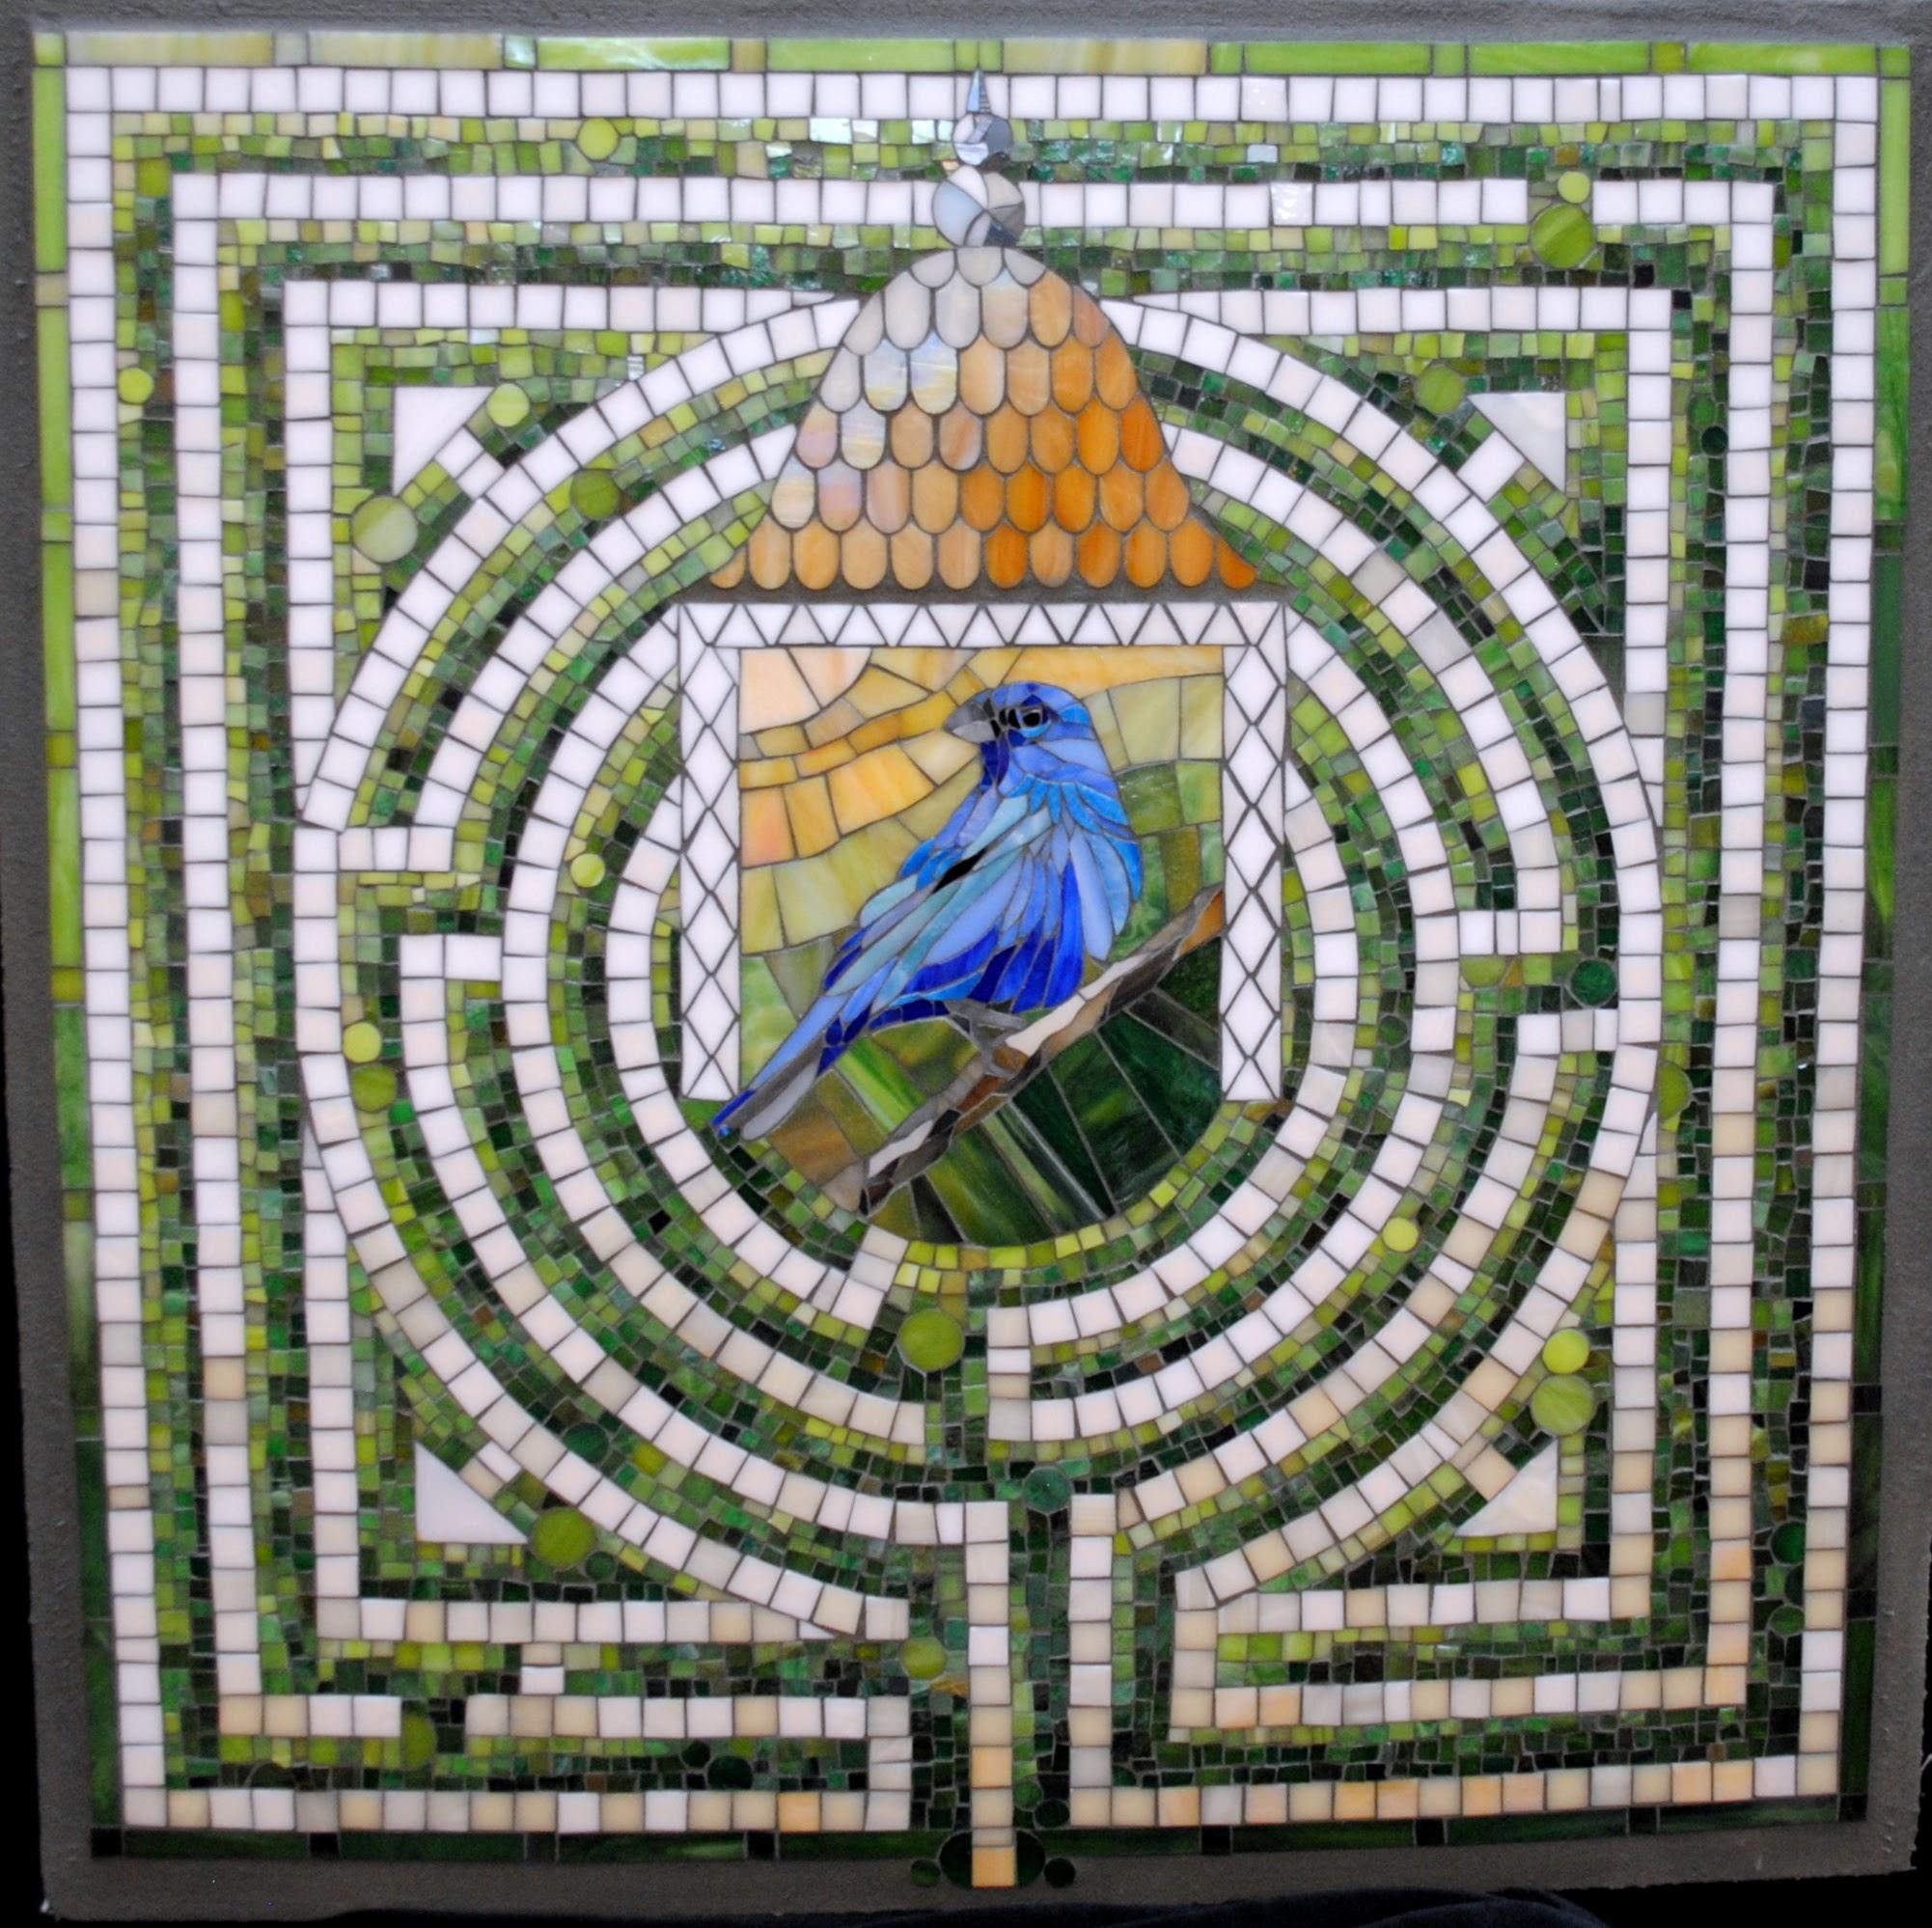 Feathered Folly by Brenda Pokorny